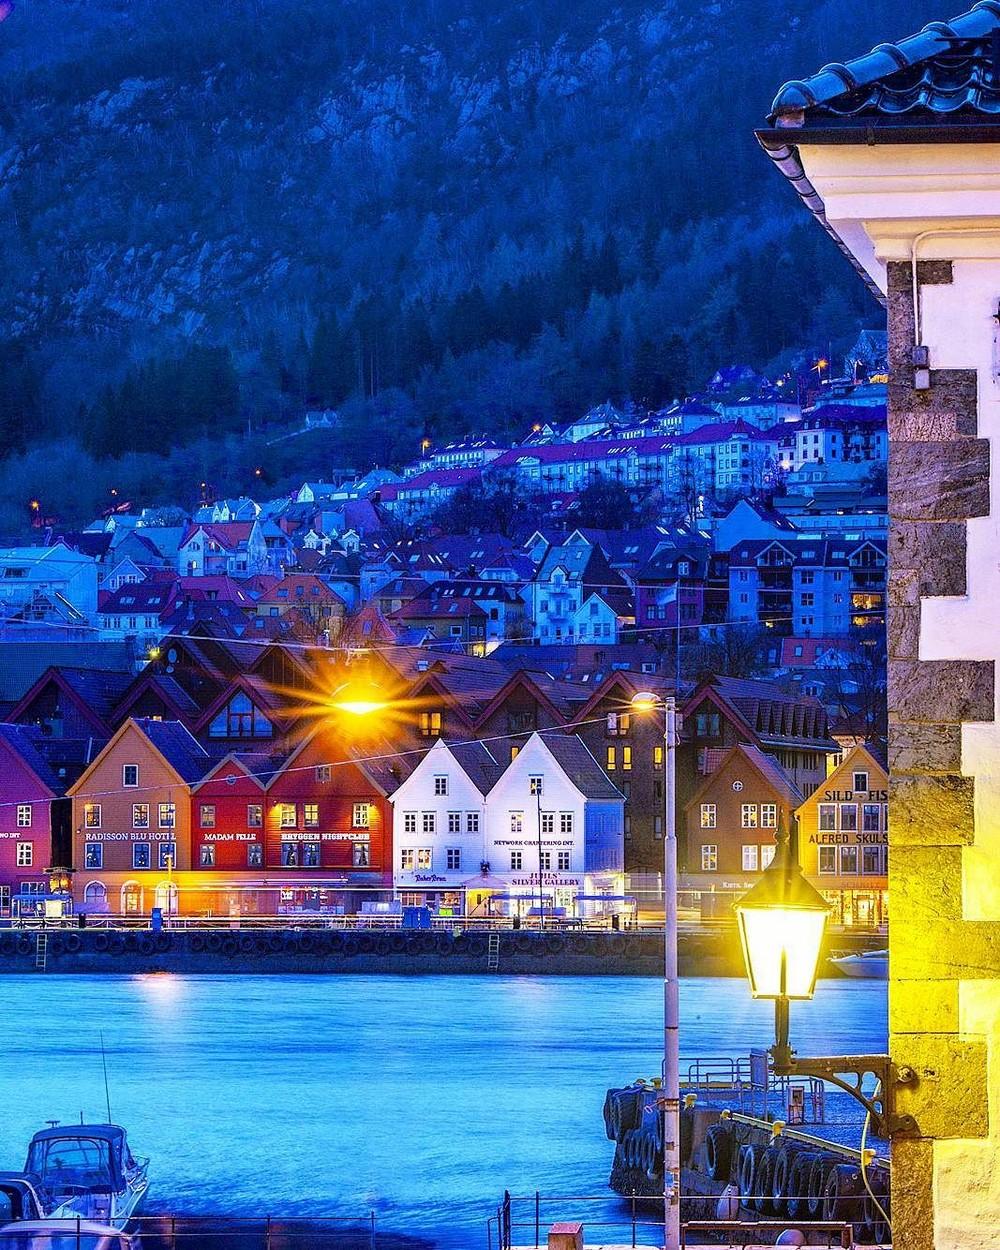 Красота норвежских городов на снимках Атле Расмуссена